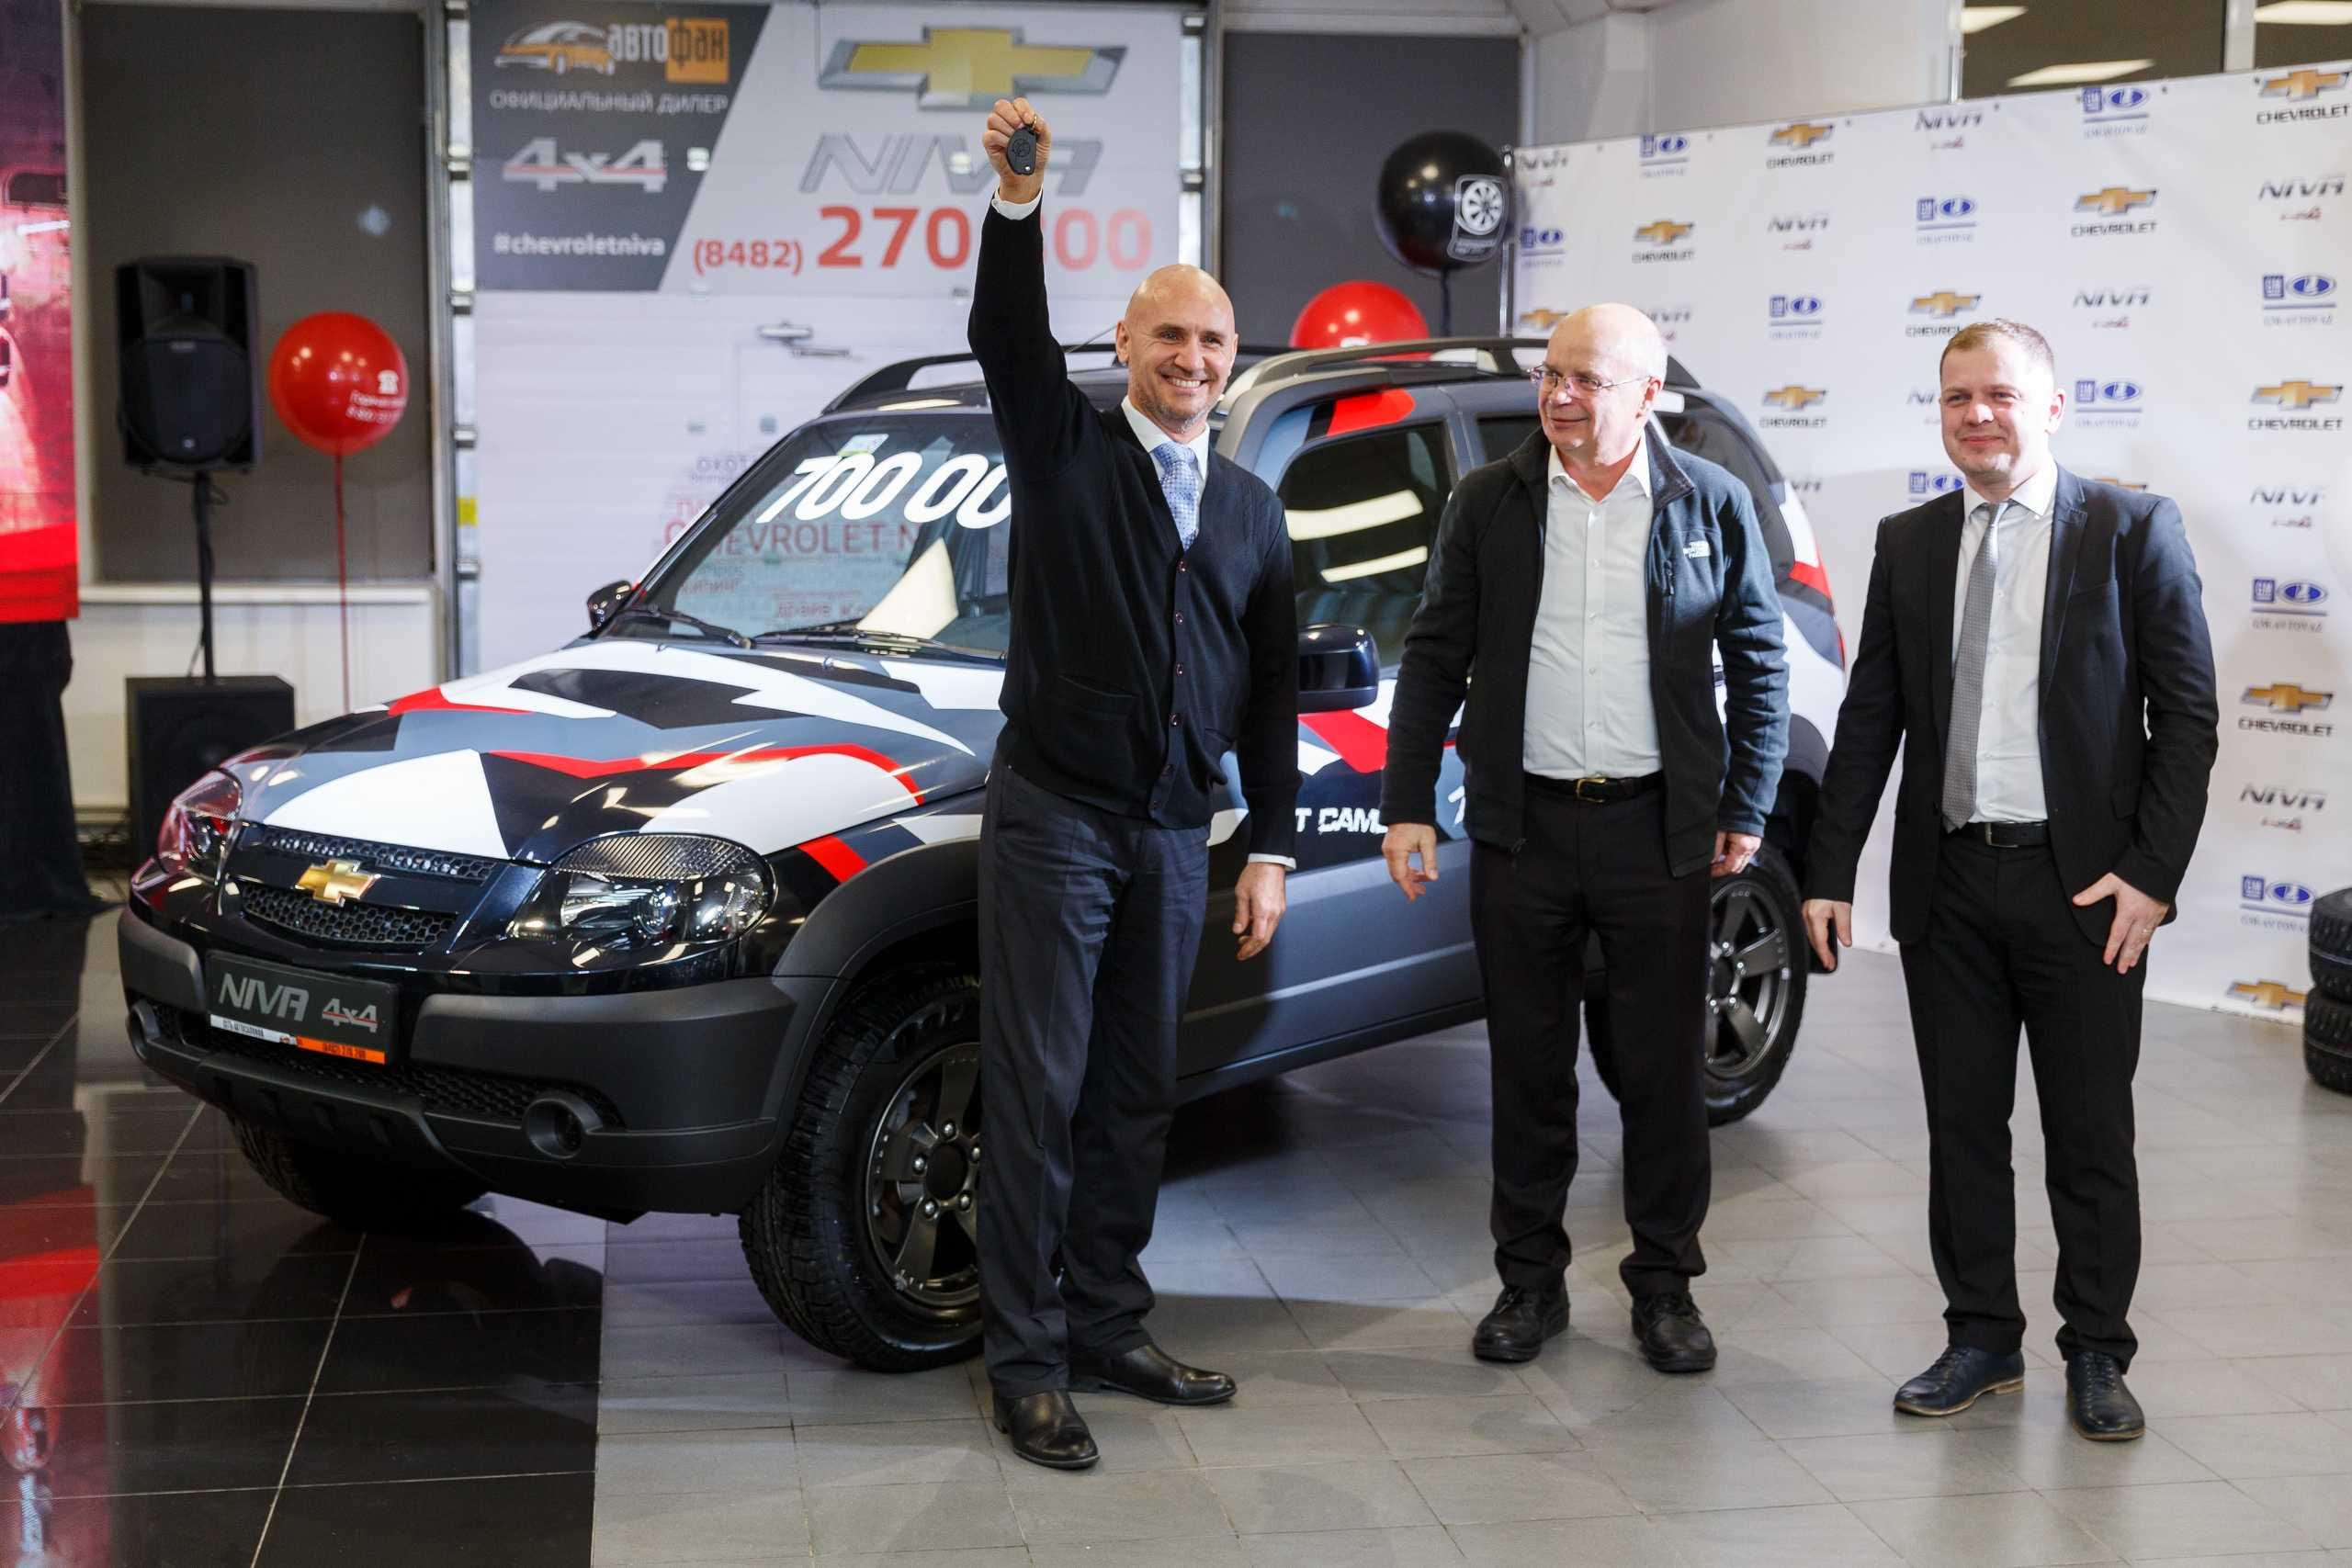 18 декабря в тольяттинском автосалоне «Chevrolet Niva АвтоФАН» прошло торжественное мероприятие по поводу реализации 700-тысячной «Шевроле Нивы»